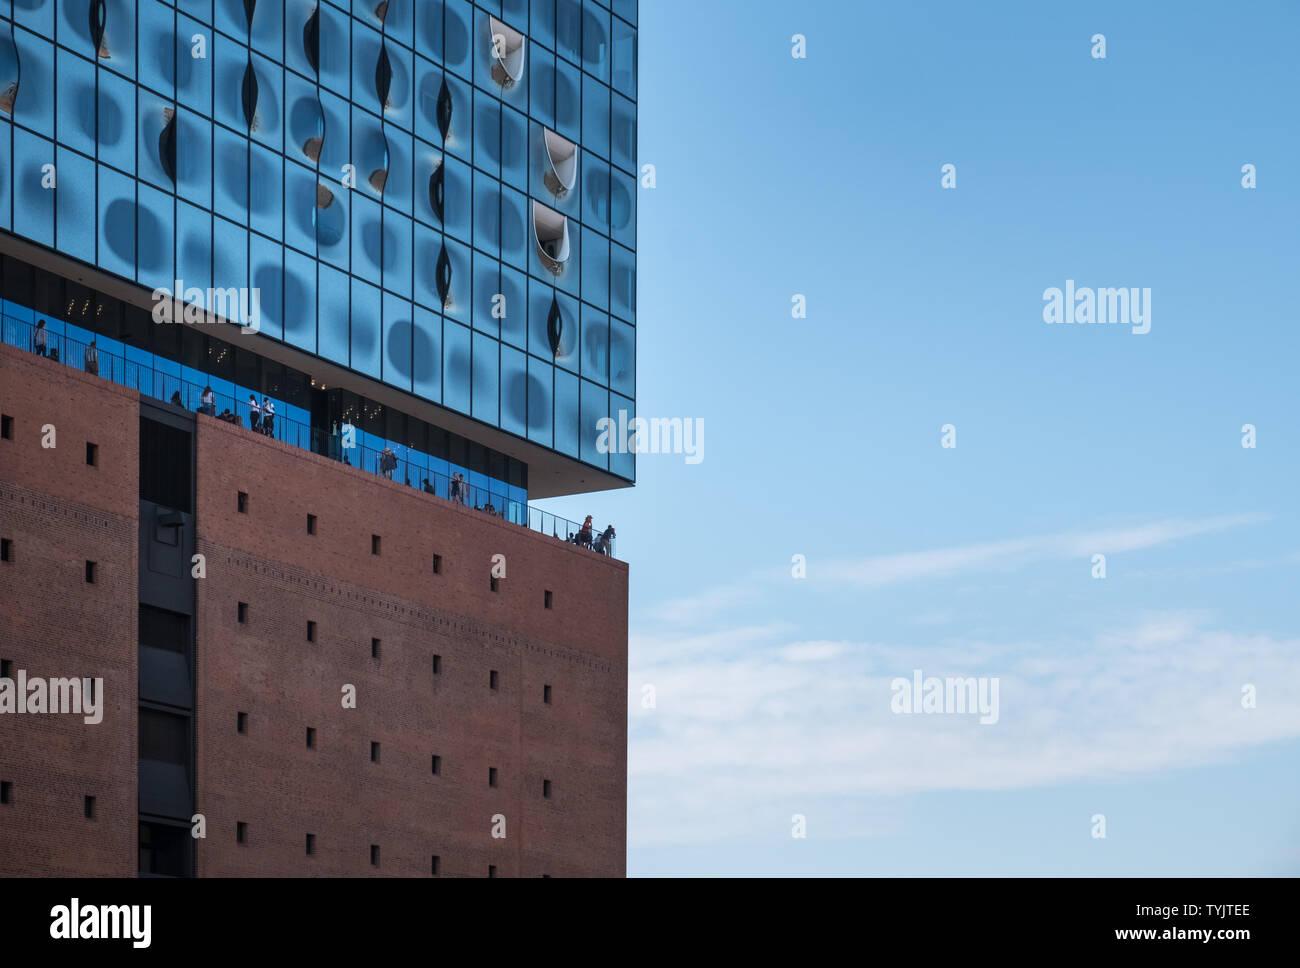 Elbphilharmonie (Elbphilharmonie), einem modernen Konzertsaal mit zeitgenössischer Architektur in der HafenCity, Hamburg, Deutschland. Stockbild